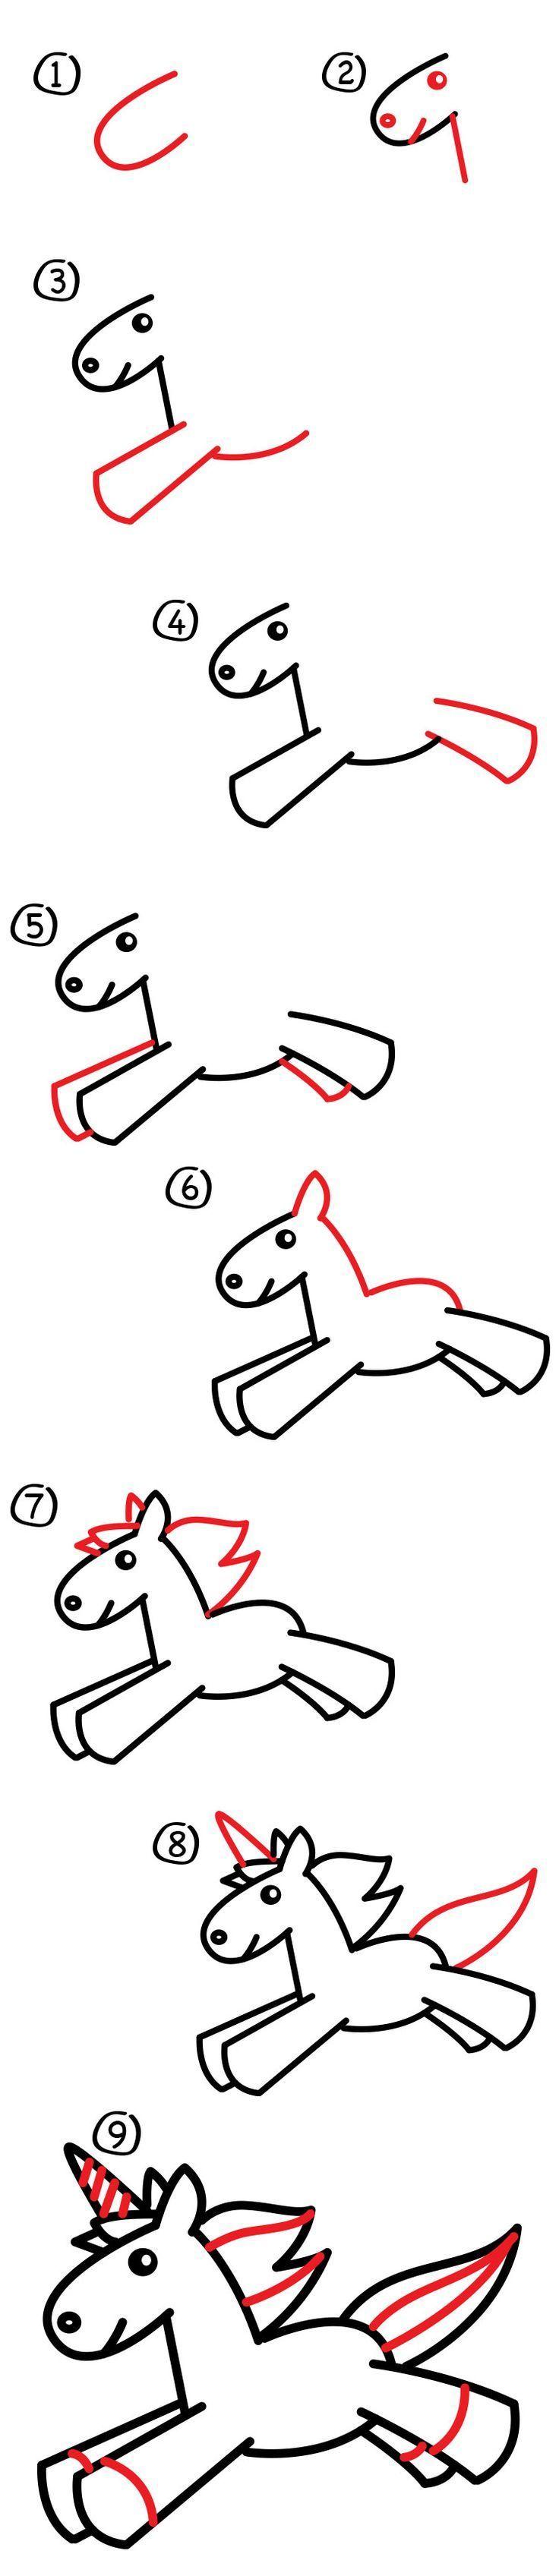 Learn How To Draw A Unicorn Step By Step Watch Our Short Video And Download Our Free Printable Einhorn Zeichnen Einfach Zeichnen Lernen Zeichnung